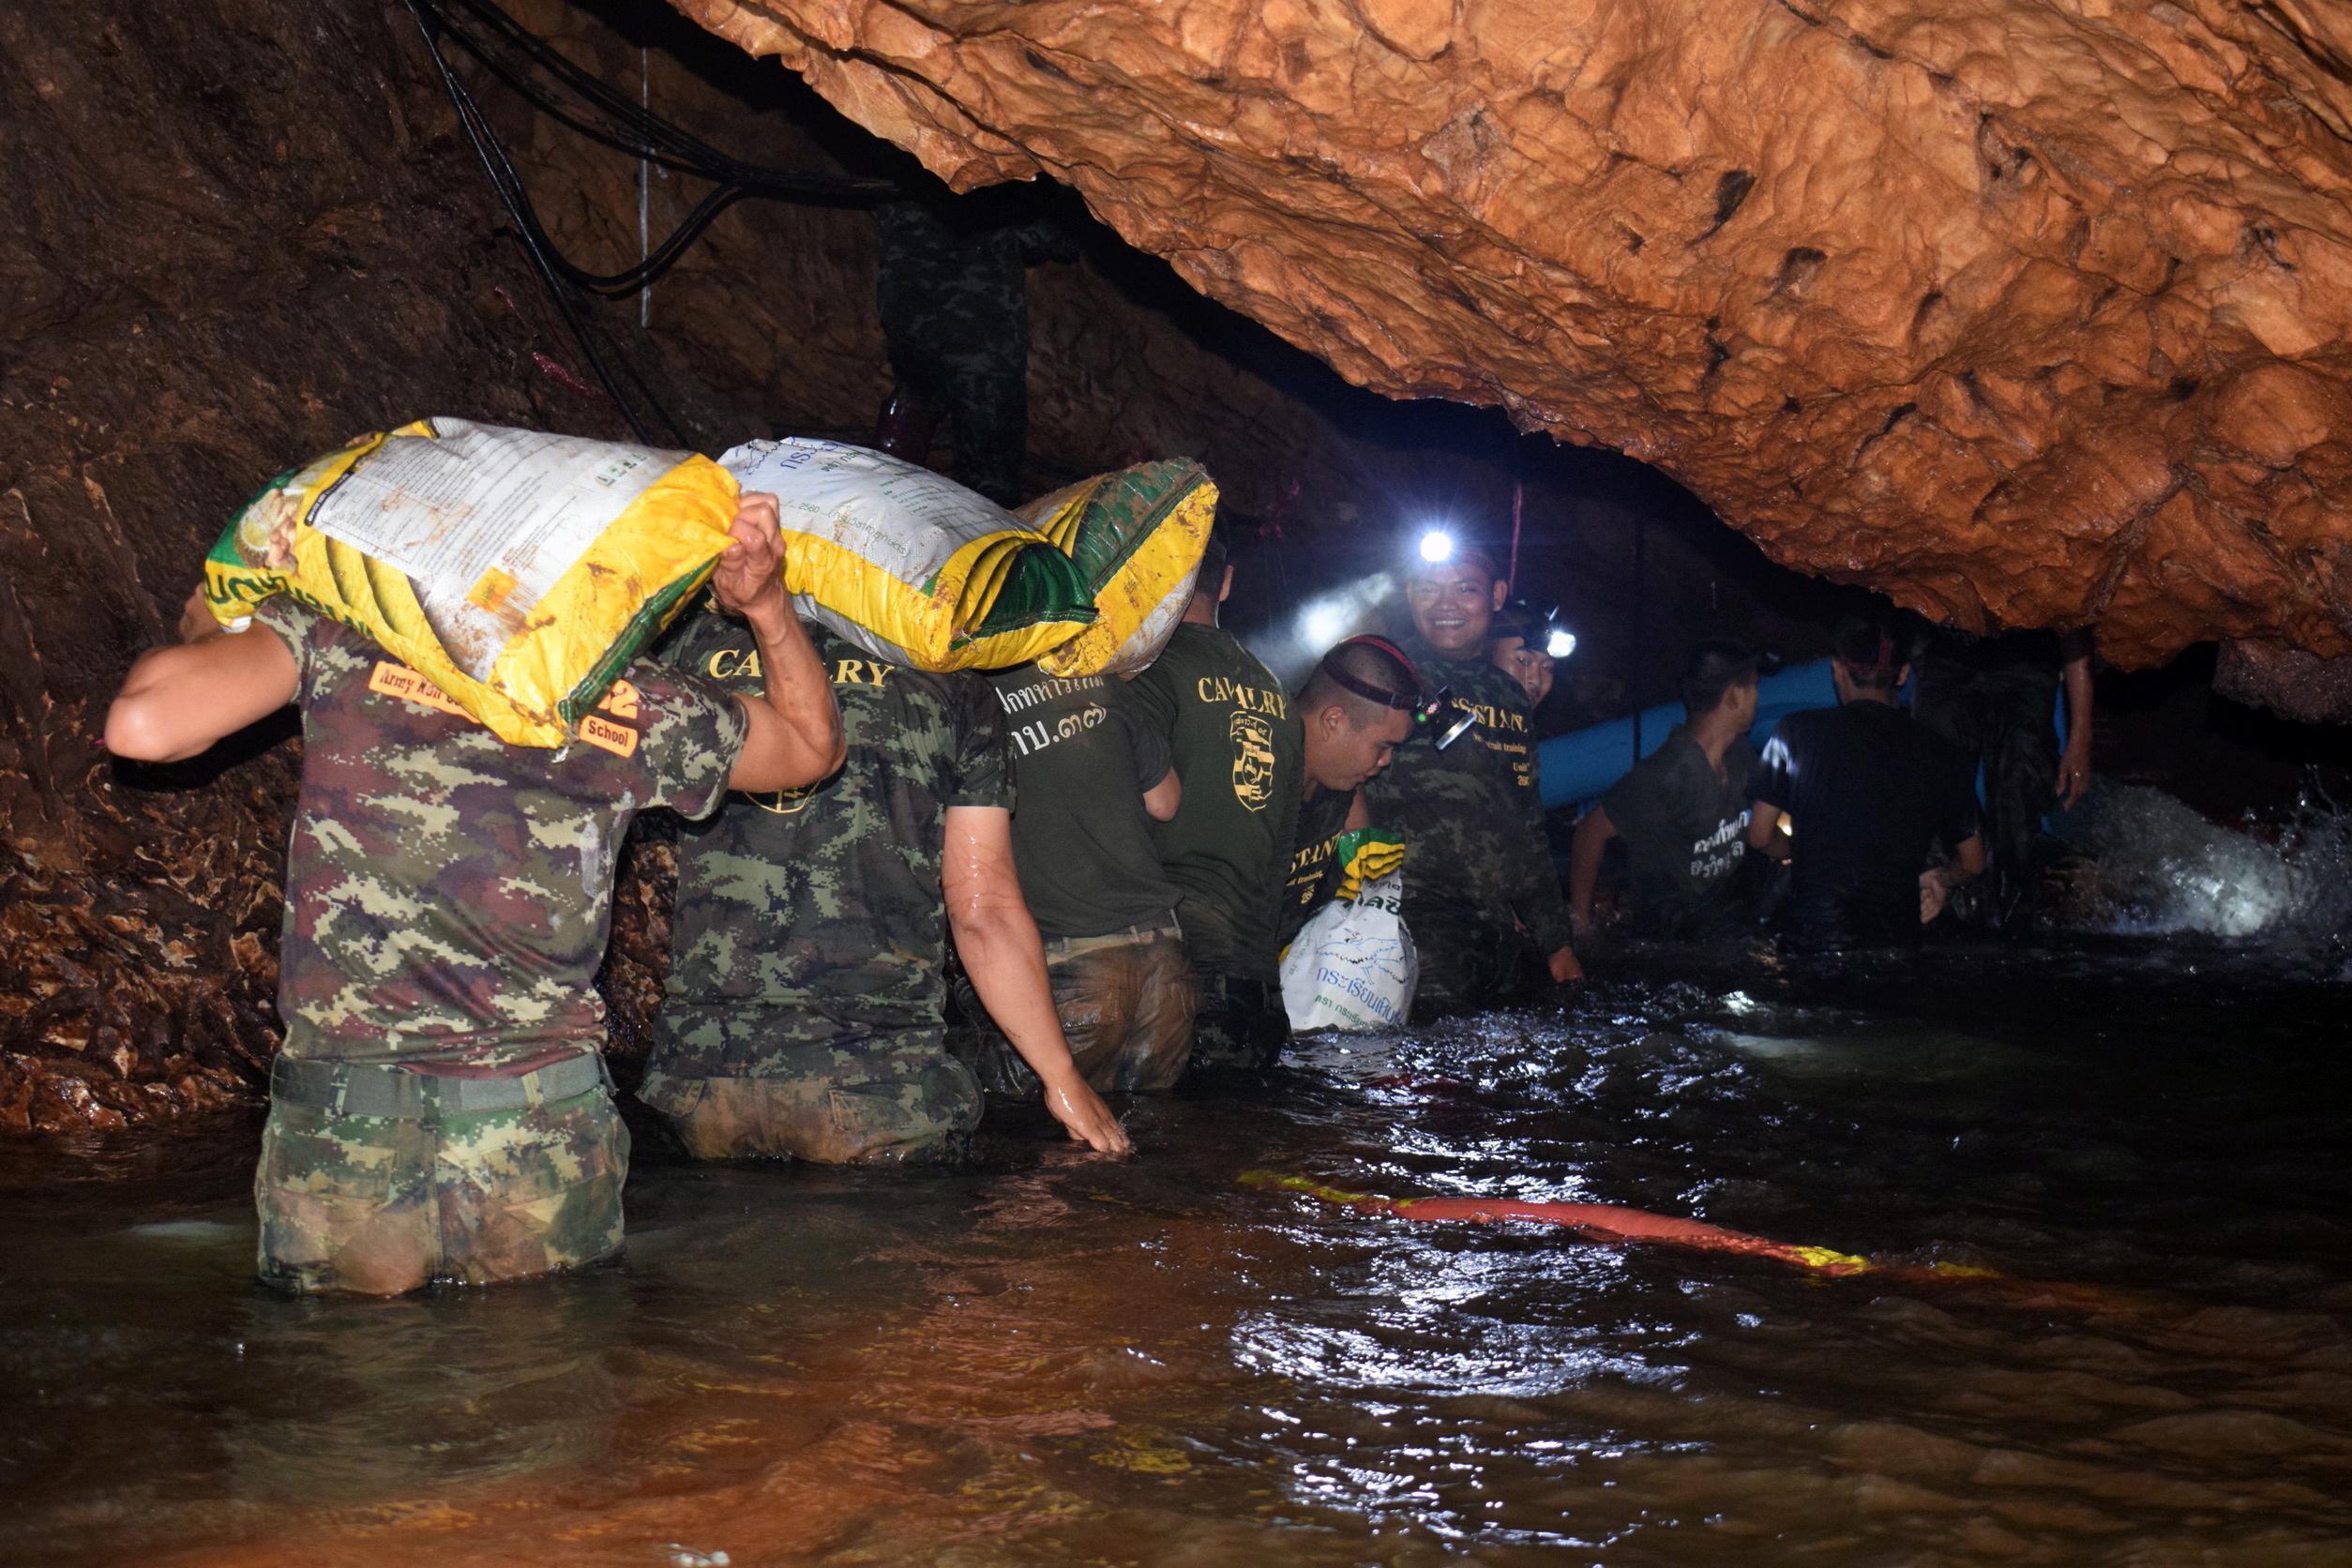 Thailandia, ritrovati vivi  i ragazzi dispersi nella grotta